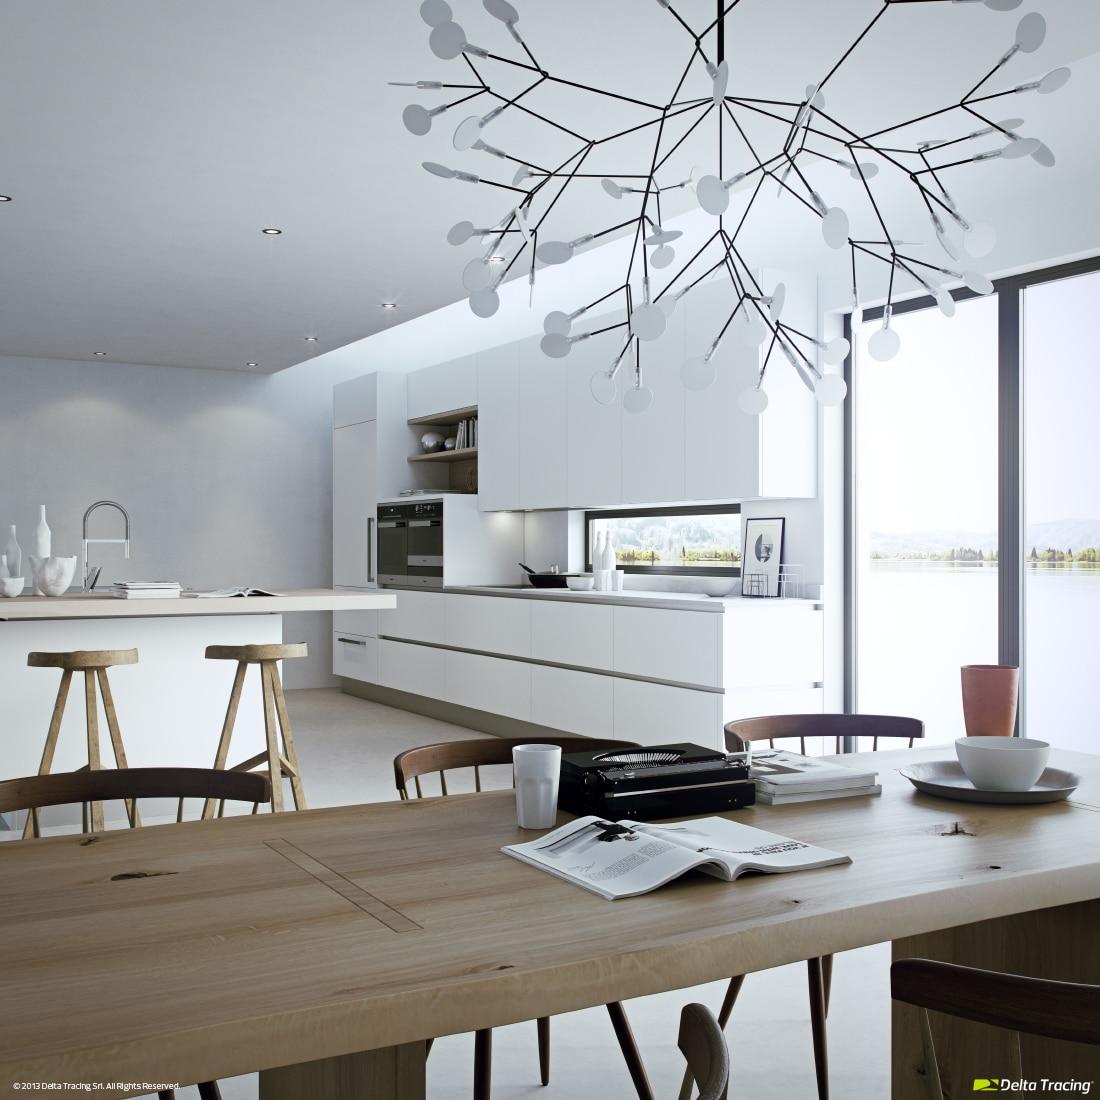 Dise o de cocinas modernas iluminaci n de interiores - Lamparas para cocinas modernas ...